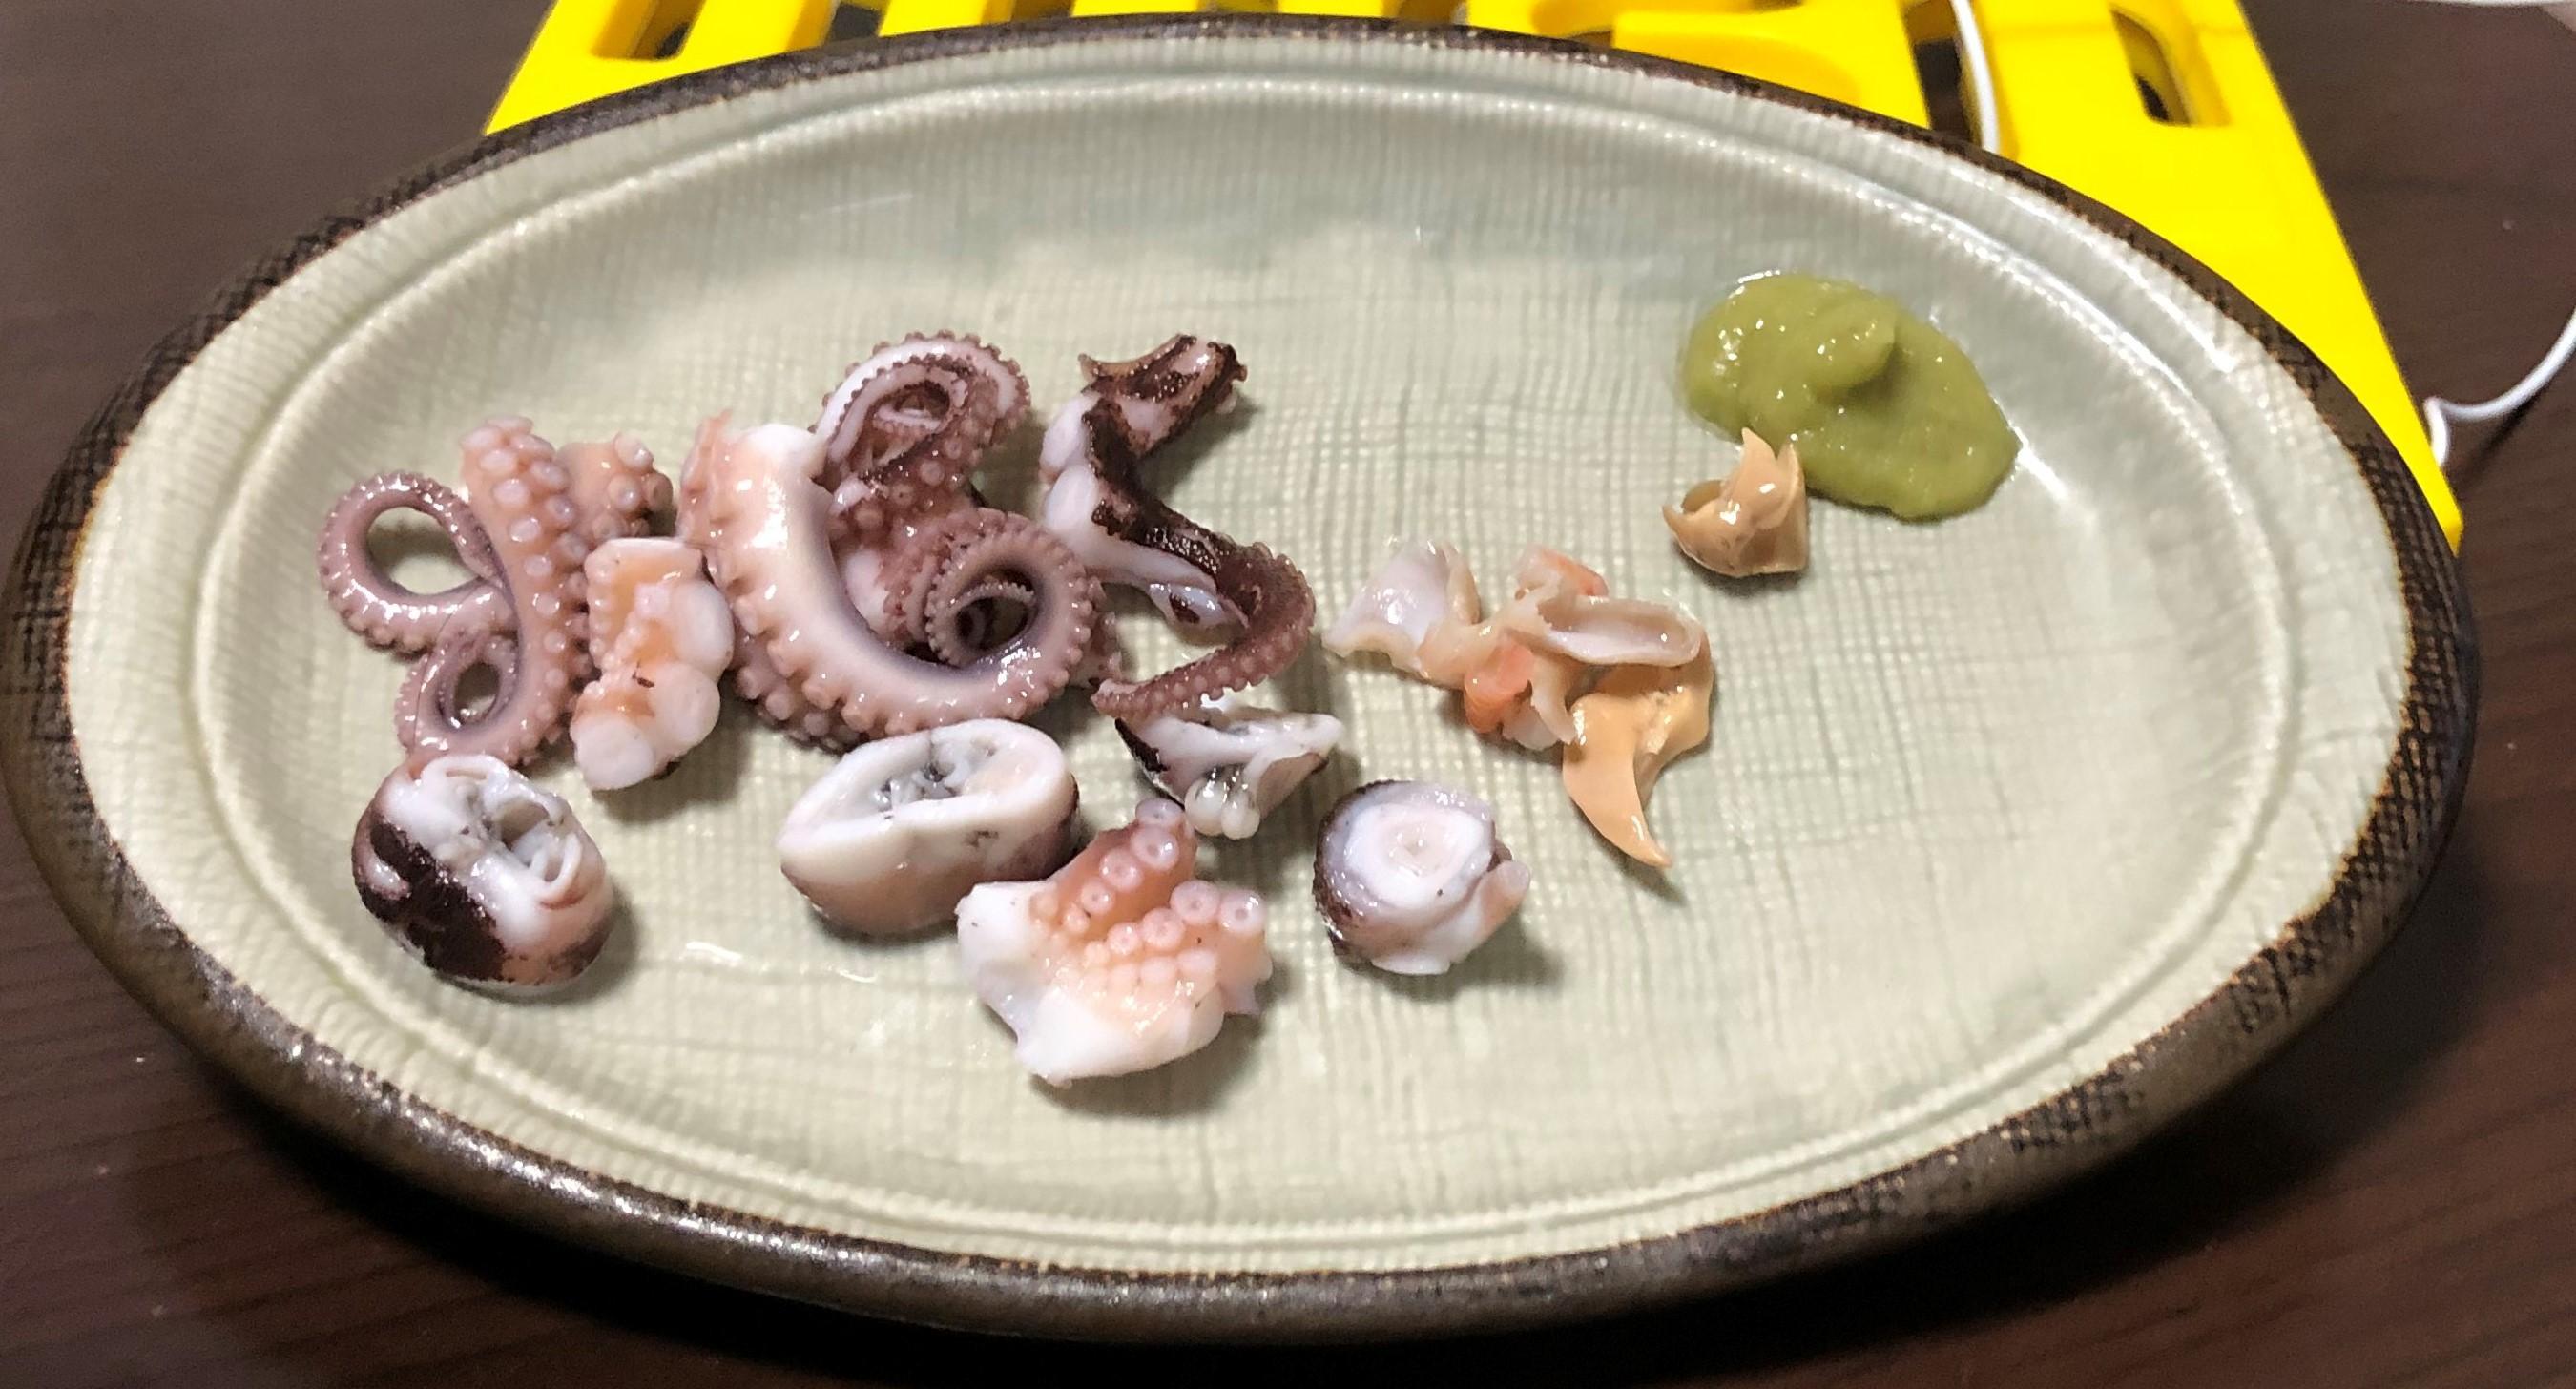 イイダコ刺身・カサゴ胃袋・メバル、カサゴ肝